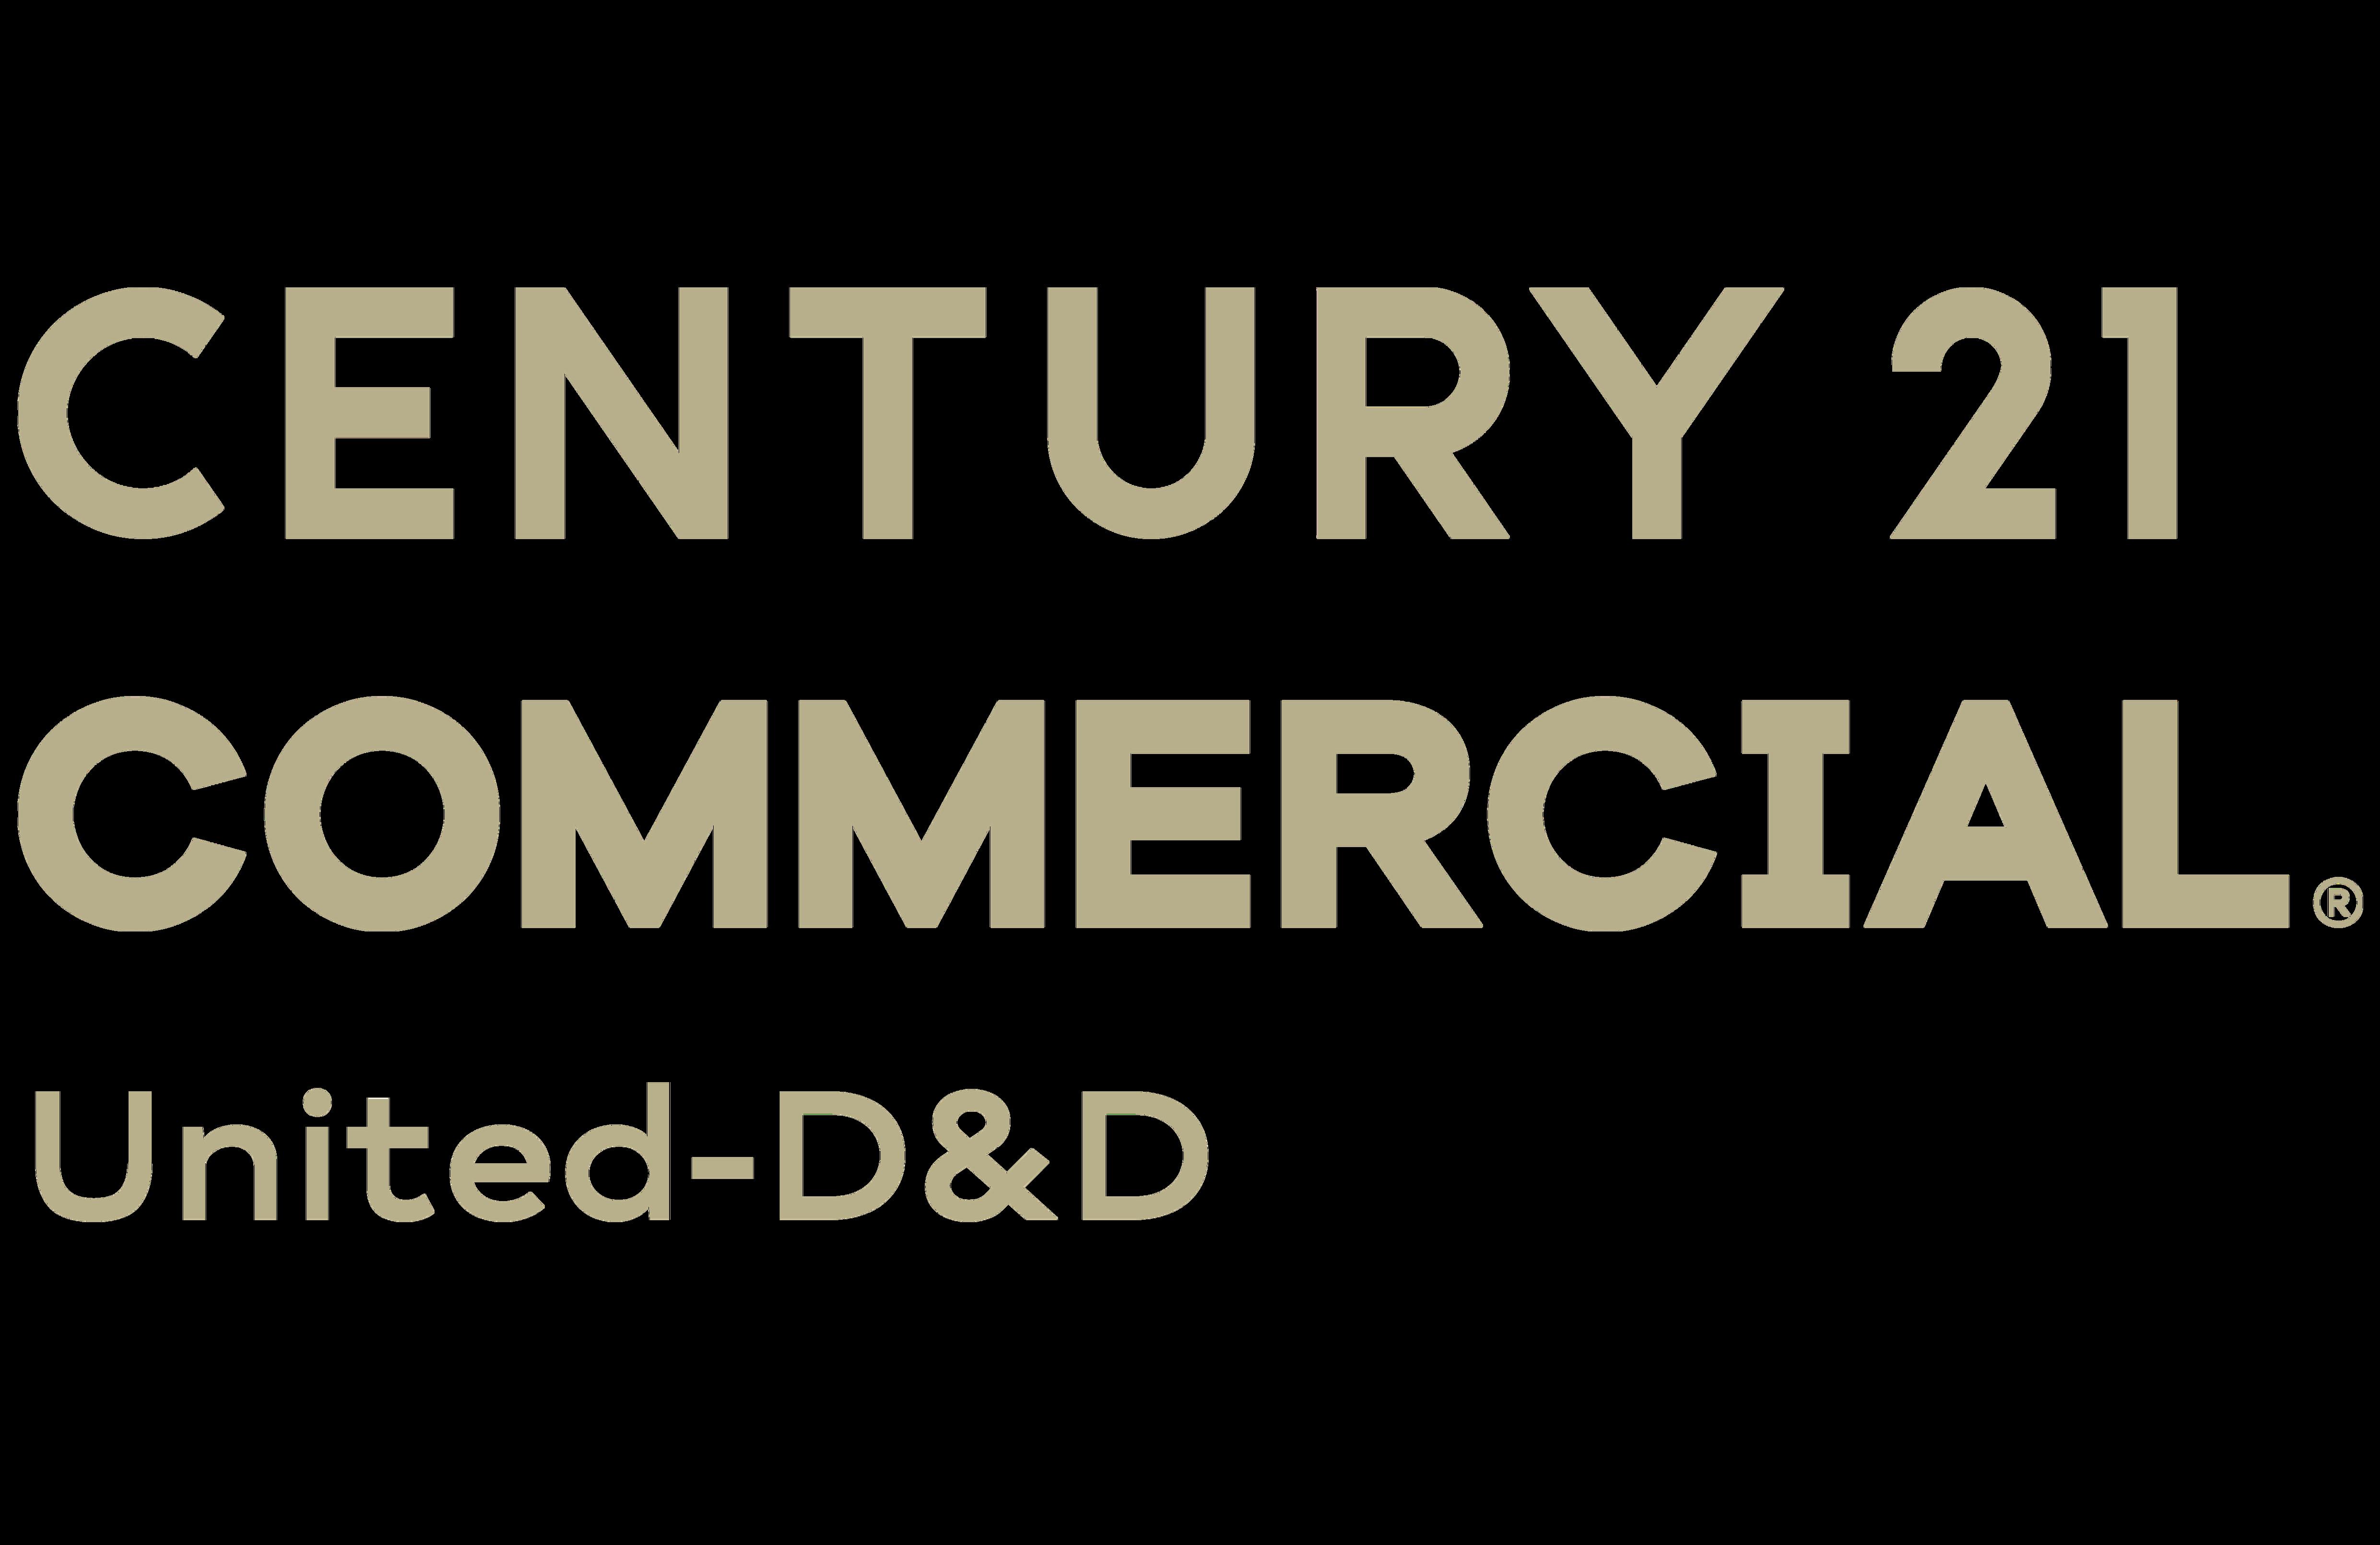 CENTURY 21 United-D&D